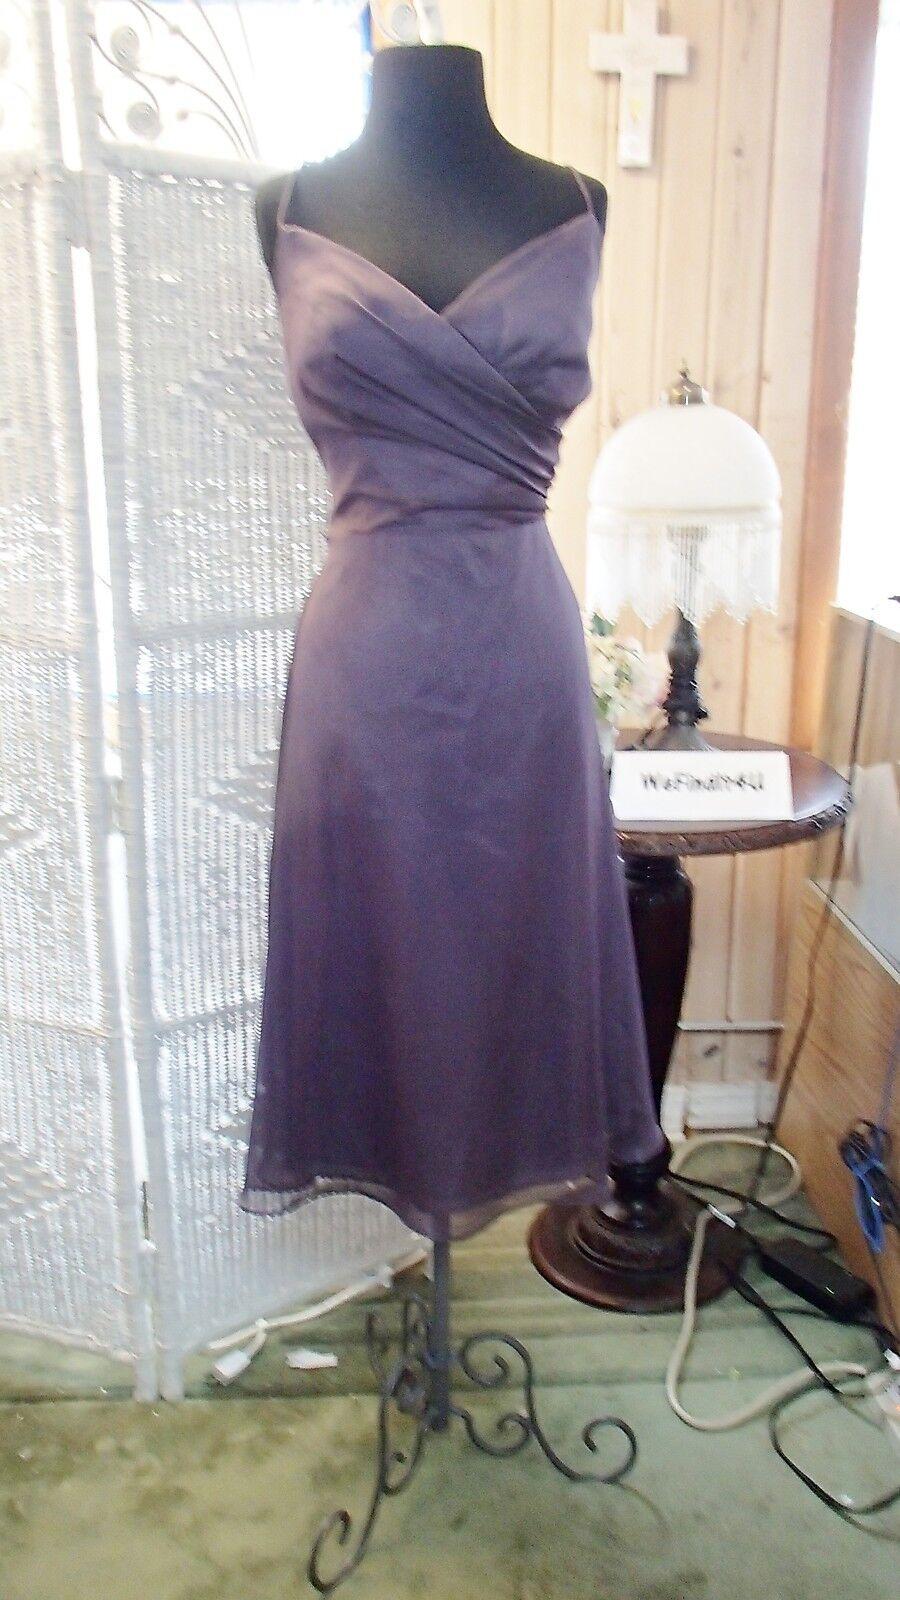 A1528 Watters & Watters 5223 Sz 10 Lila Formelle Formelle Formelle Brautjungfer Kleid Abendkleid |   | New Product 2019  | Online  275f0b